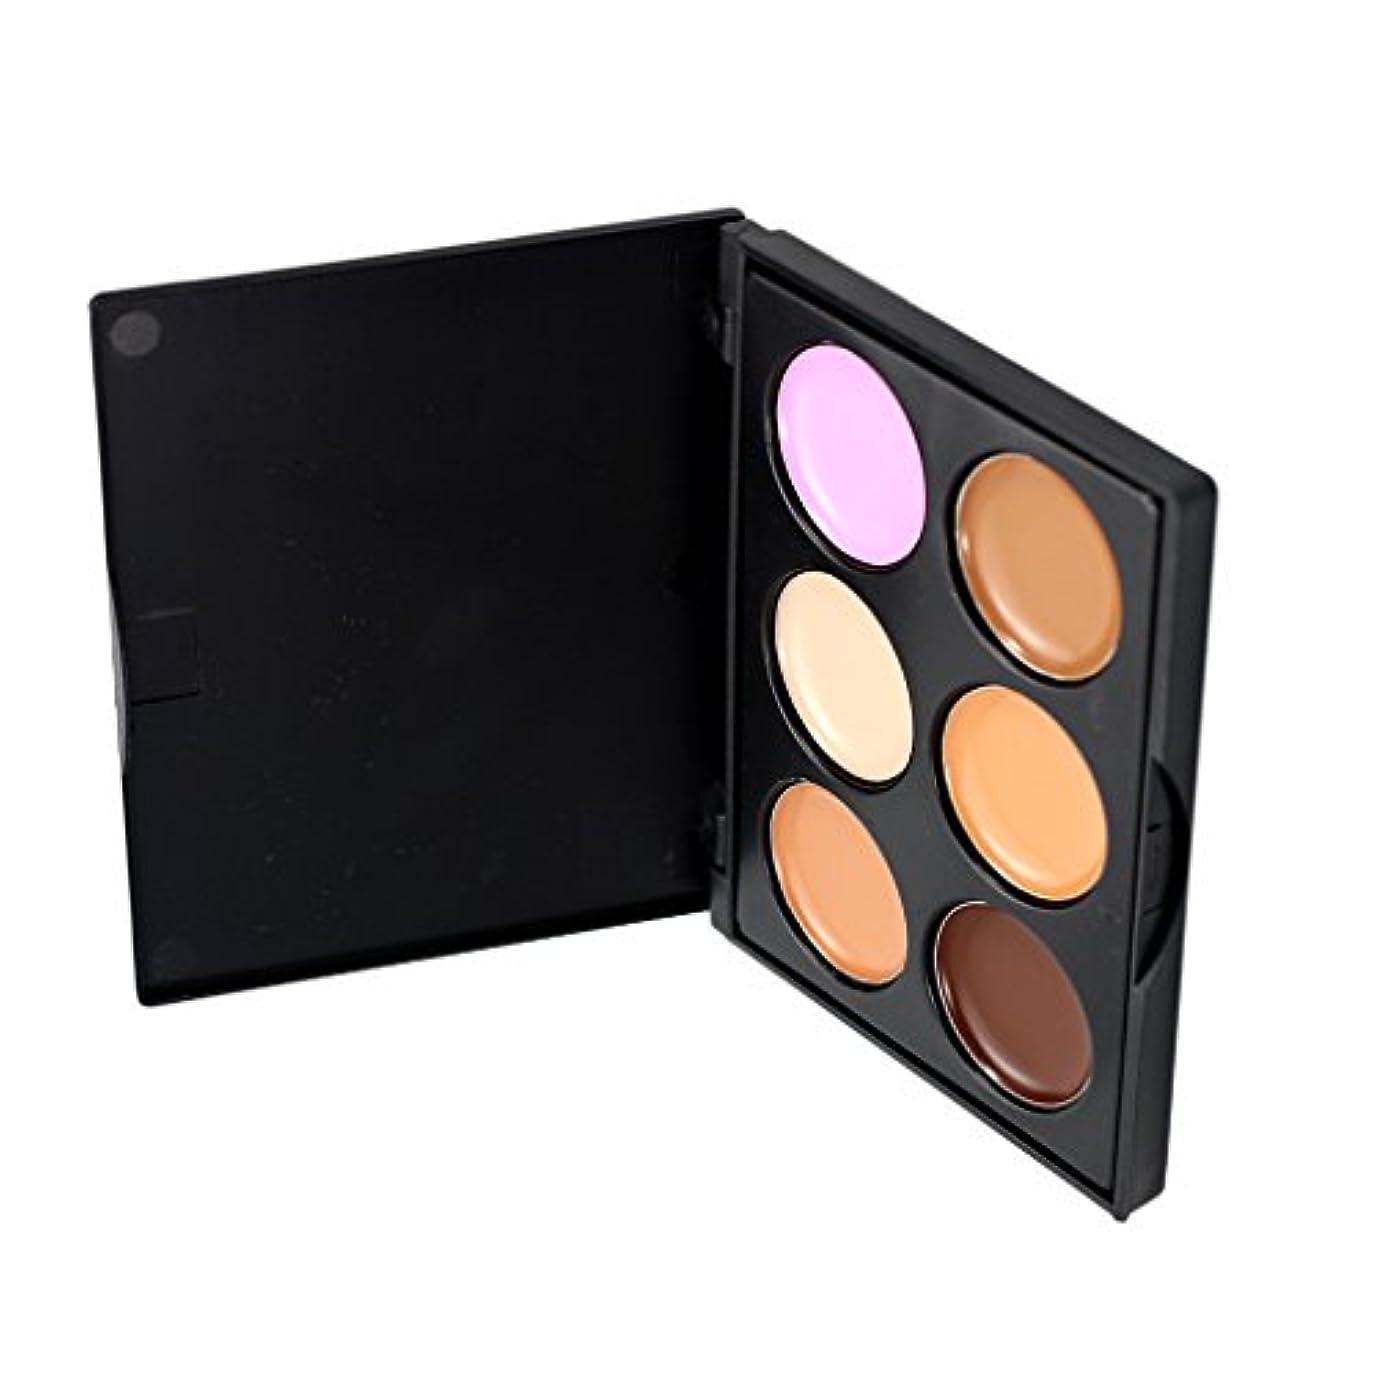 世論調査優雅過度にKesoto コンシーラー 6色パレット 化粧用 コンター フェイス 全3種選択可能     - #2